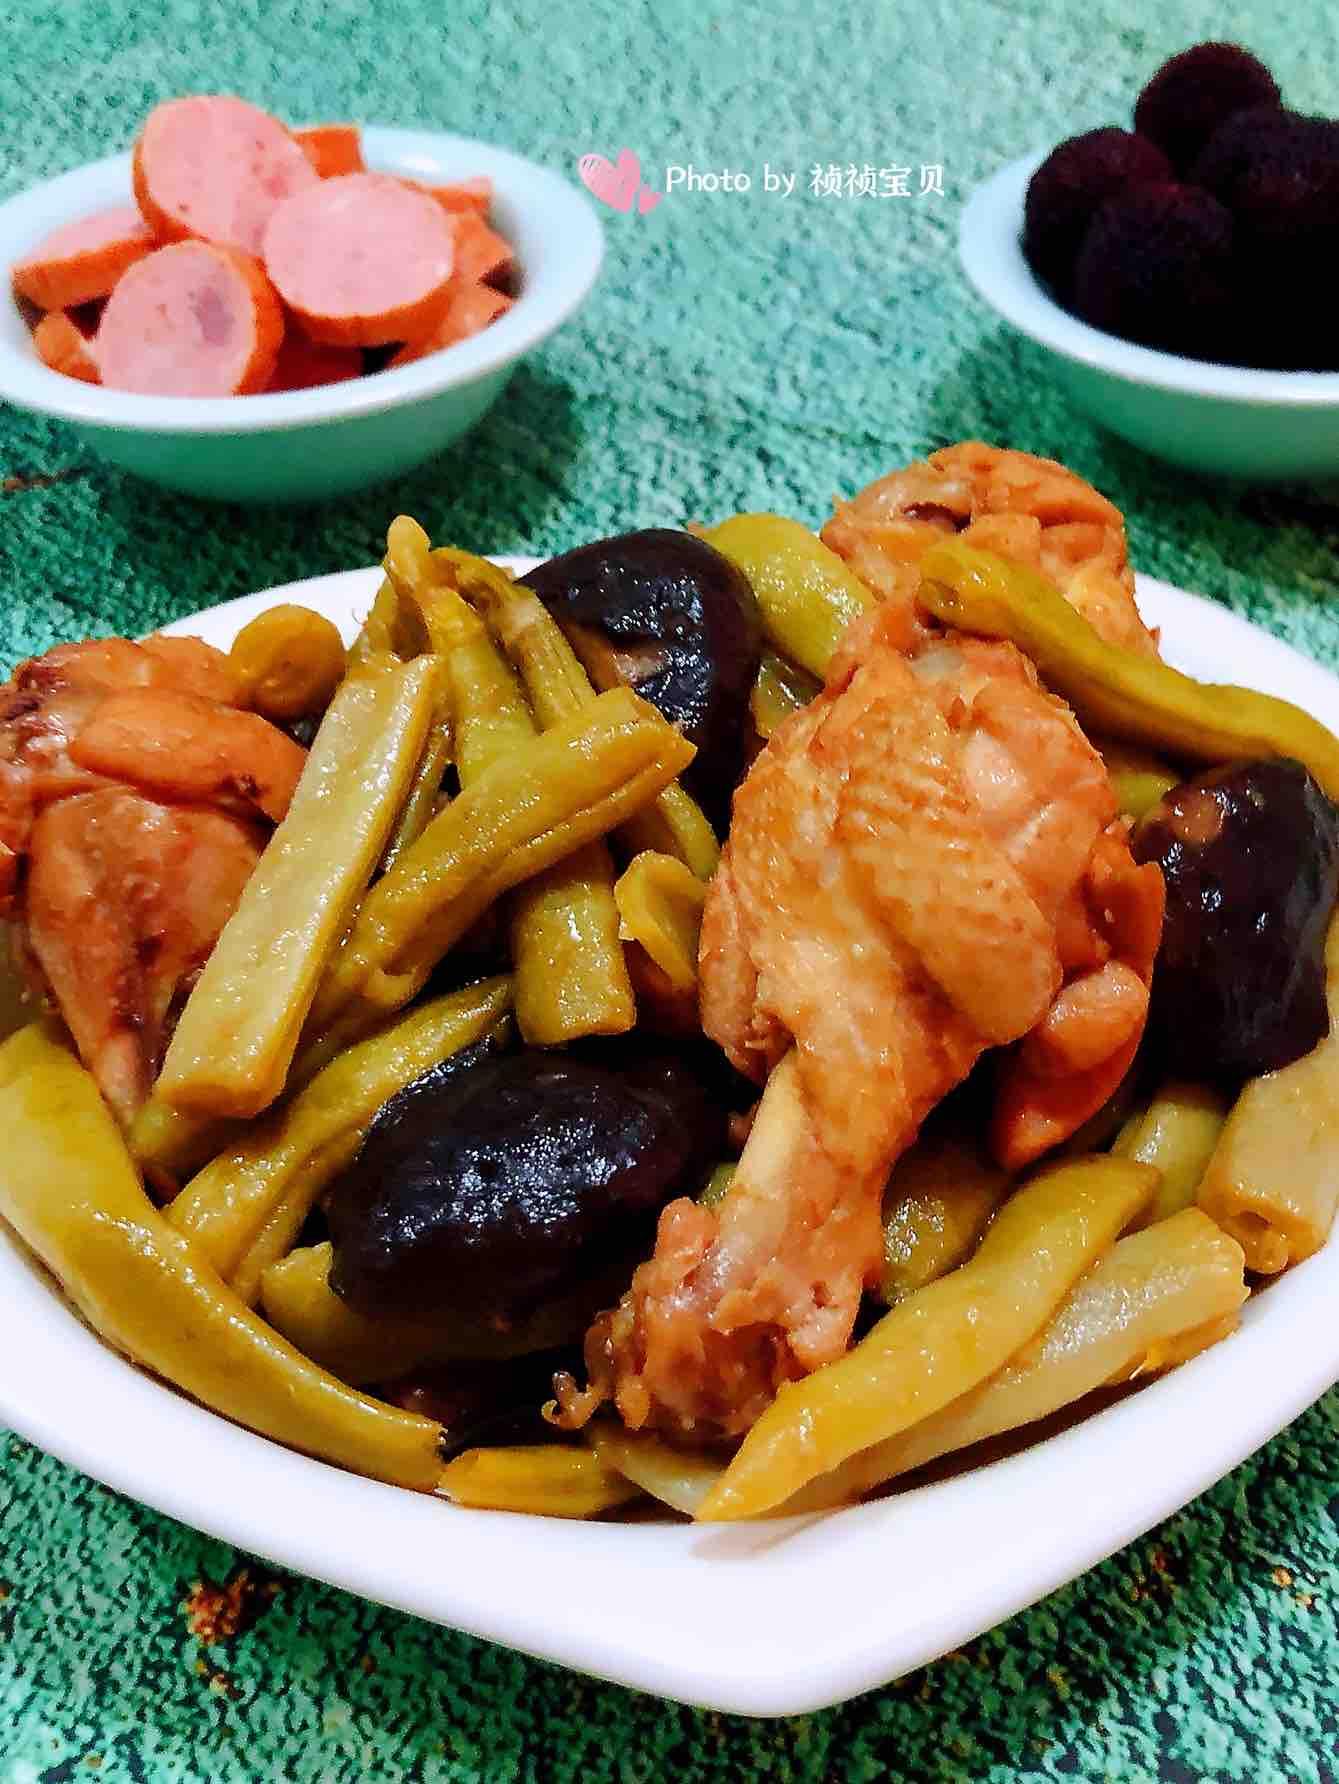 豆角焖香菇鸡翅根的做法